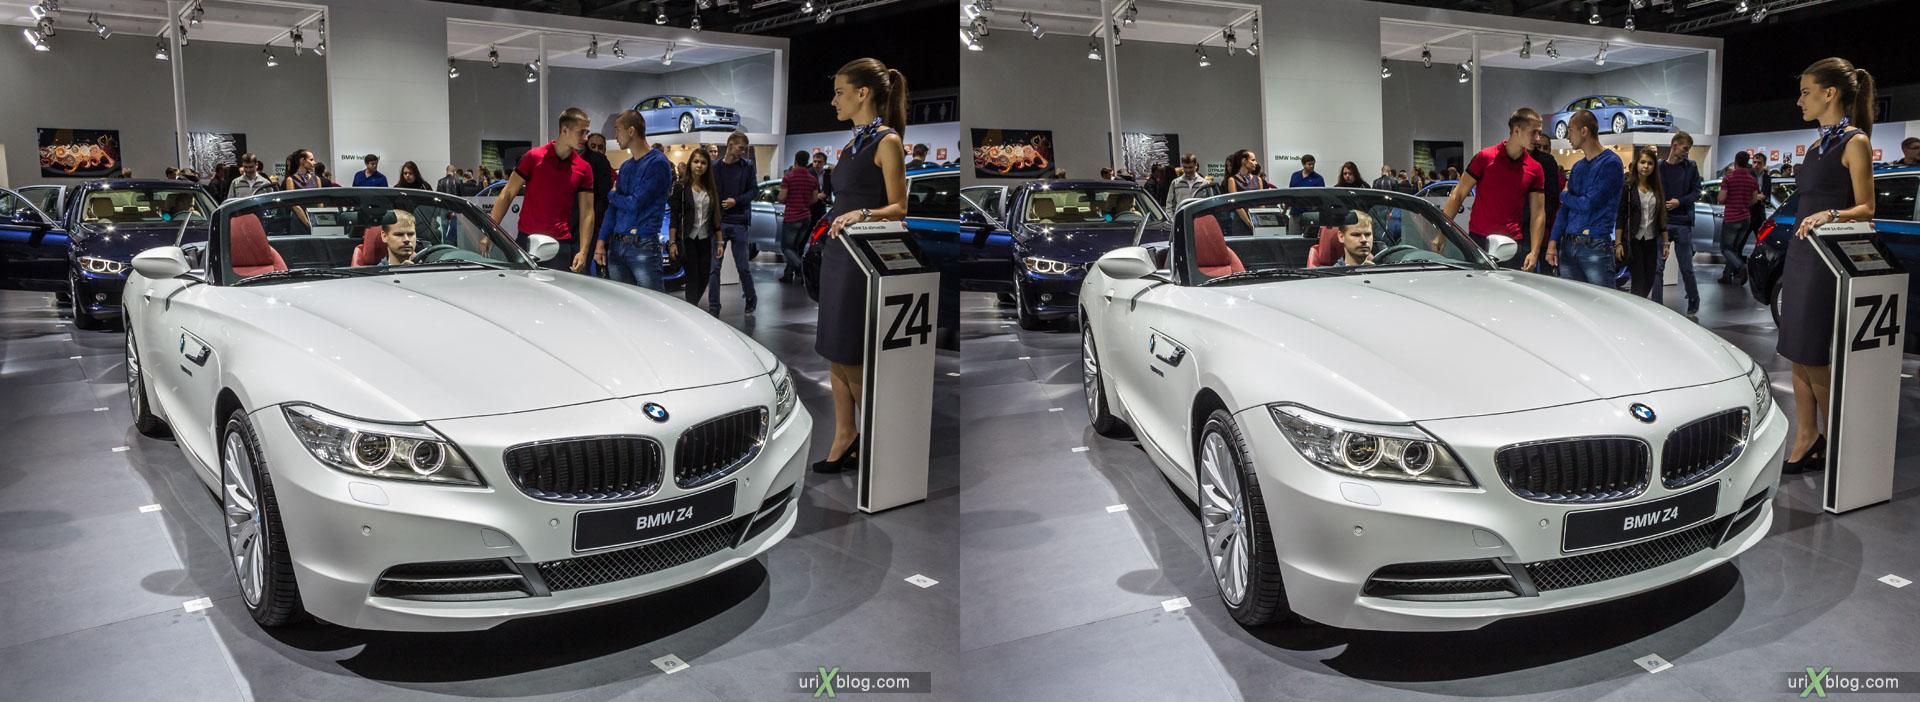 BMW Z4, ММАС 2014, Московский Международный Автомобильный Салон 2014, Крокус Экспо, машина, автомобиль, девушка, модель, женщина, выставка, Москва, Россия, 3D, перекрёстная стереопара, стерео, стереопара, 2014